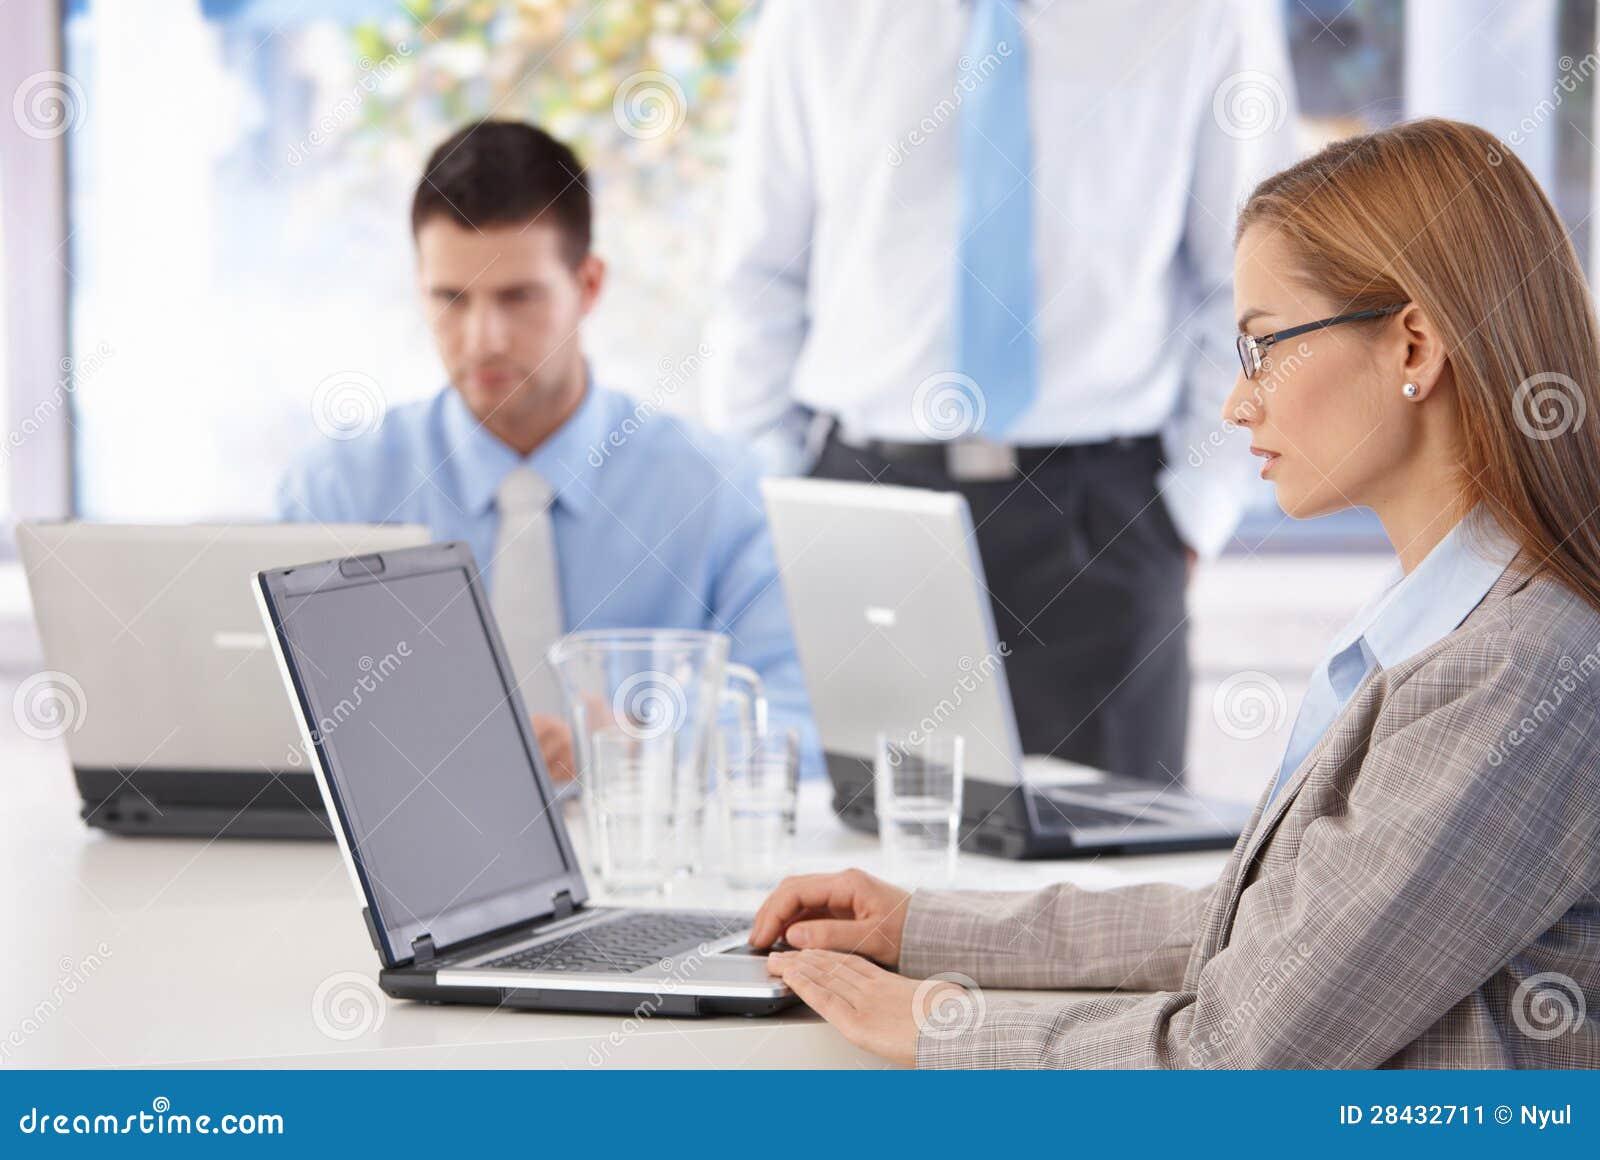 Młodzi przypadkowi urzędnicy pracuje na laptopie